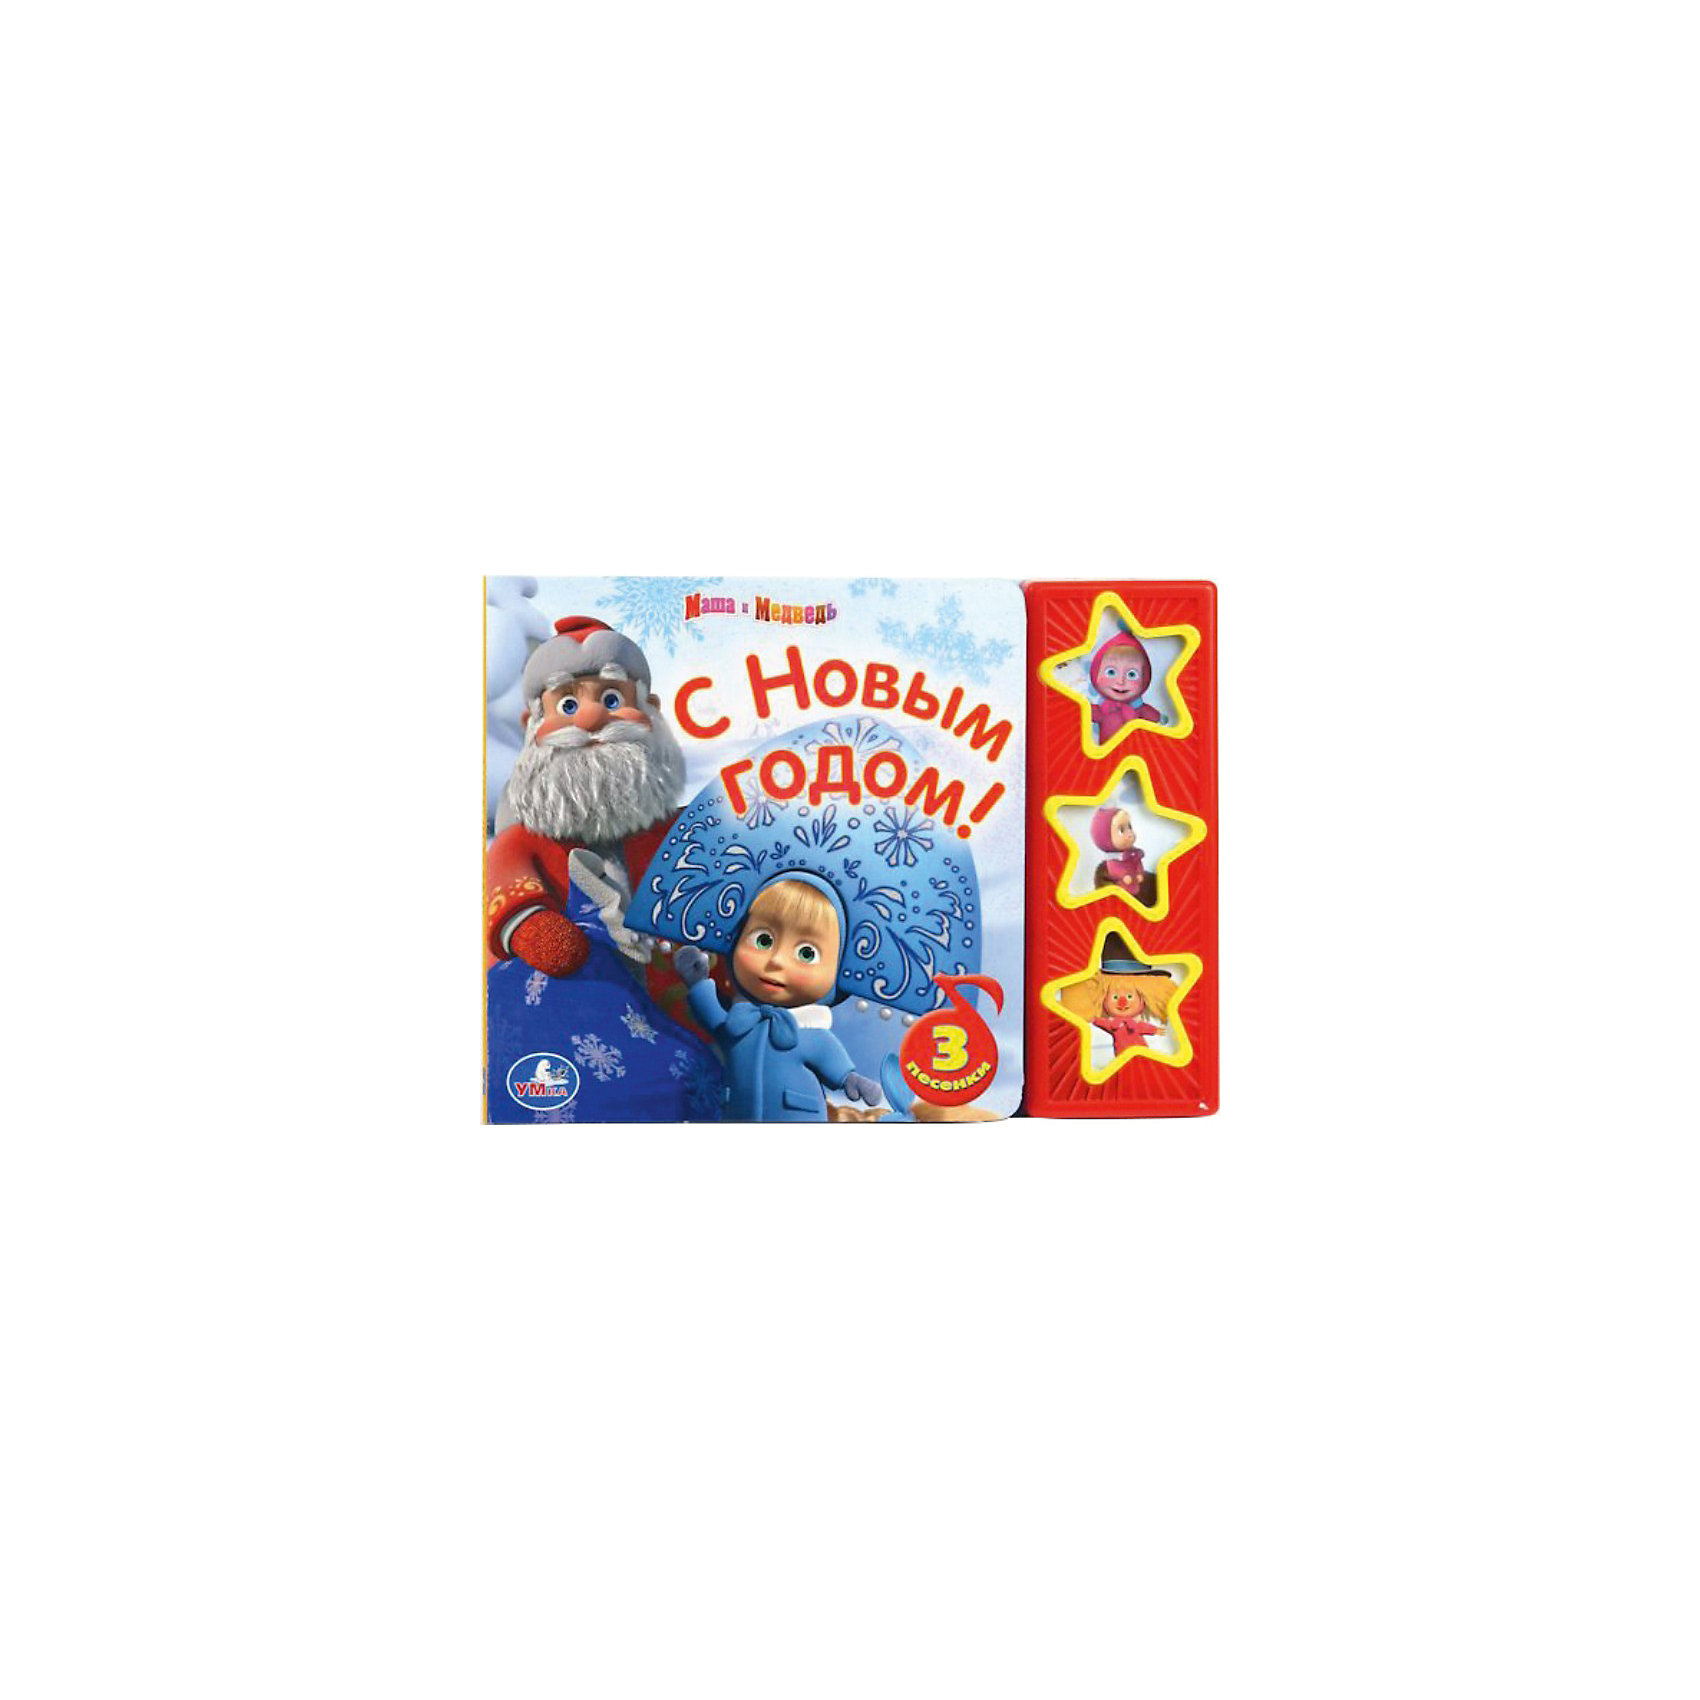 Книга с 3 кнопками С Новым Годом!, Маша и МедведьКнига с 3 кнопками С Новым Годом!, Маша и Медведь поможет создать ощущение праздника! Любимые герои расскажут веселые, новогодние истории, красочные картинки и замечательные песенки принесут много счастливых мгновений Вашему малышу! Книга подойдет для самых юных читателей, так как странички выполнены из плотного картона. Книга С Новым Годом!, Маша и Медведь станет замечательным подарком Вашему ребенку к новогоднему празднику!<br><br>ISBN: 9785919414360<br>Для детей в возрасте: от 6 месяцев до 5 лет<br>Номер товара: 3837080<br>Объем: 6 страниц<br><br>Ширина мм: 210<br>Глубина мм: 150<br>Высота мм: 20<br>Вес г: 200<br>Возраст от месяцев: 6<br>Возраст до месяцев: 60<br>Пол: Унисекс<br>Возраст: Детский<br>SKU: 3837080